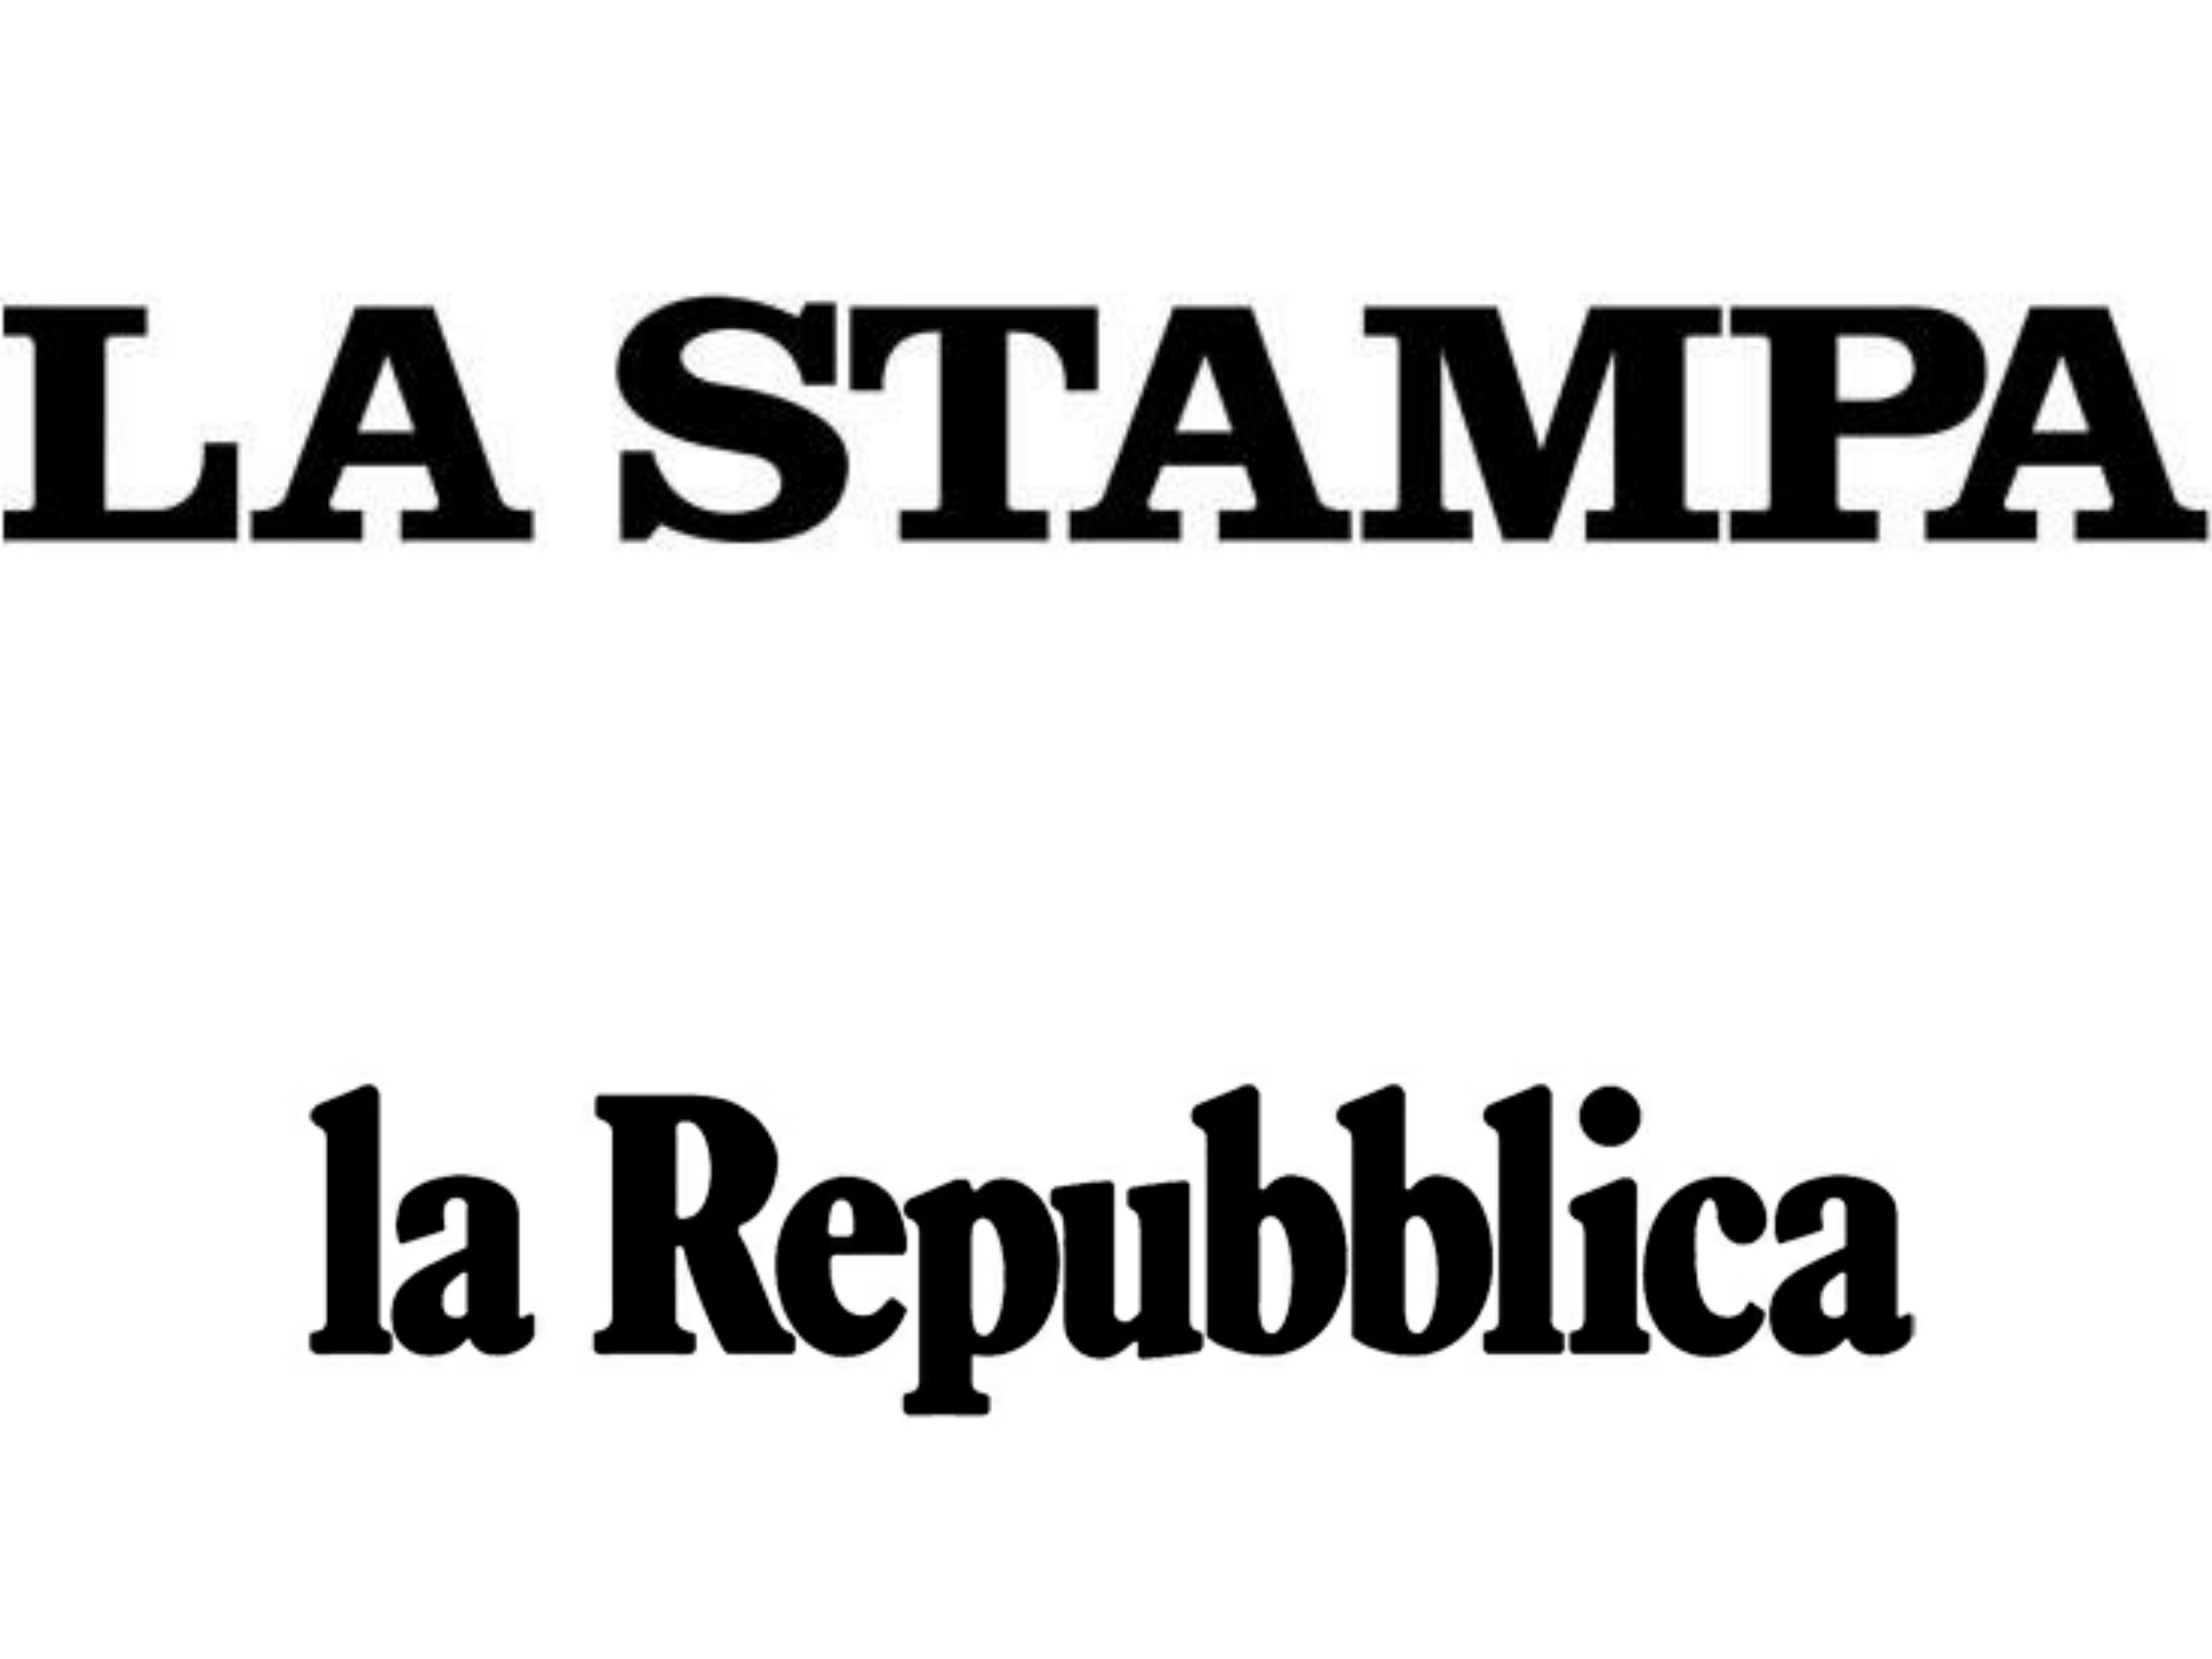 Θα συγχωνευτούν La Stampa και la Repubblica;